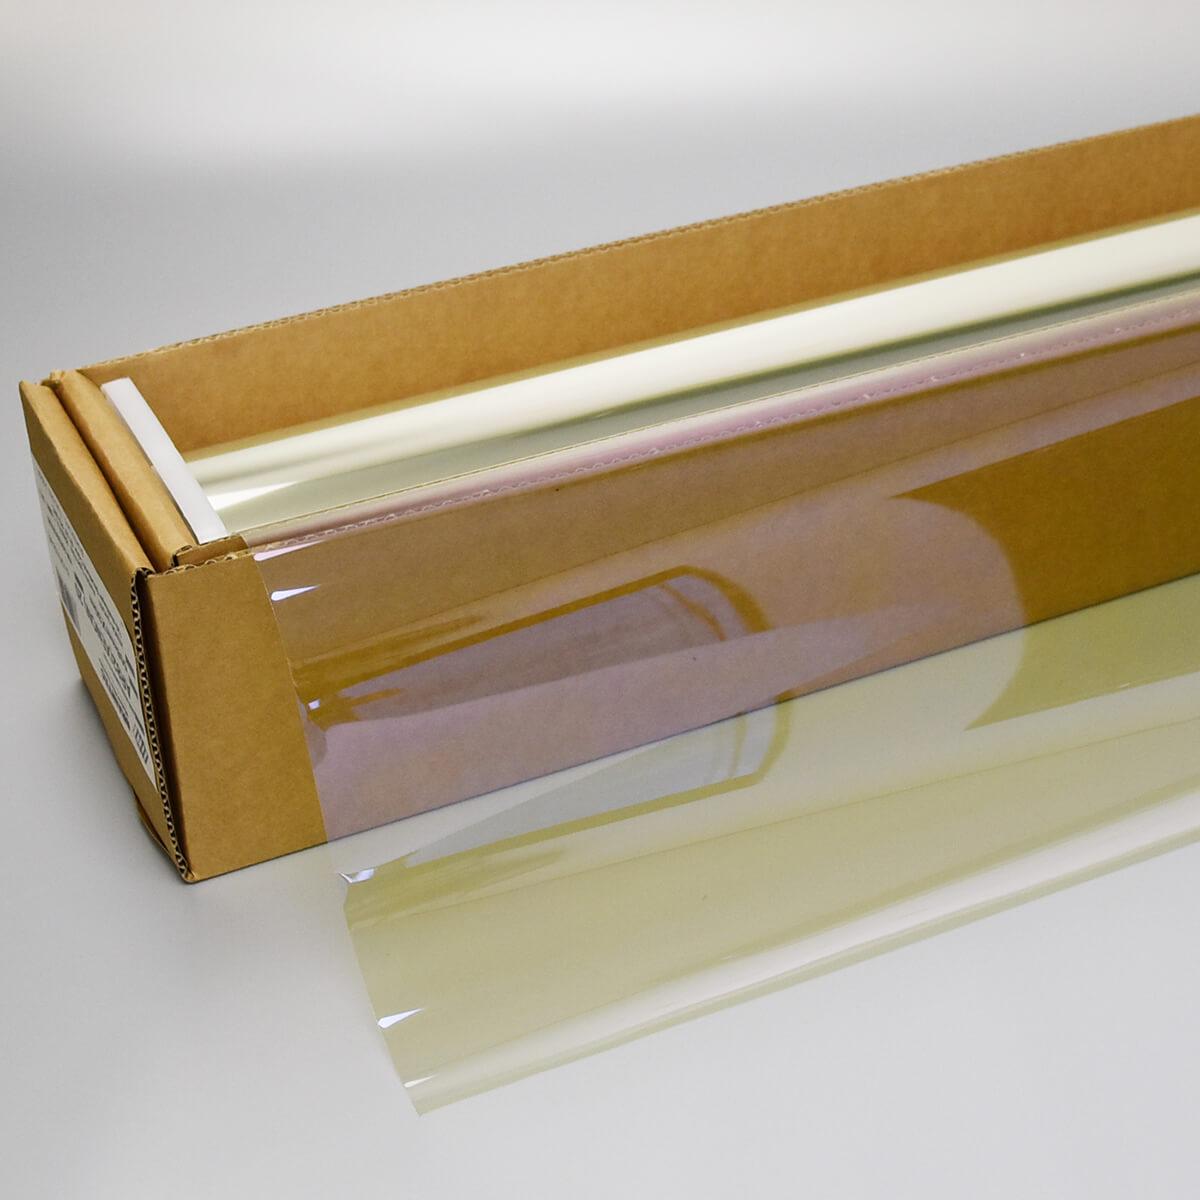 XENON GHOST(ゼノン) オーロラ82 1m幅×30mロール箱売 カーフィルム IRカット 多層マルチレイヤー オーロラフィルム82 ストラクチャーカラー Multilayer Structural Color Aurora #AR82XENON40 Roll#